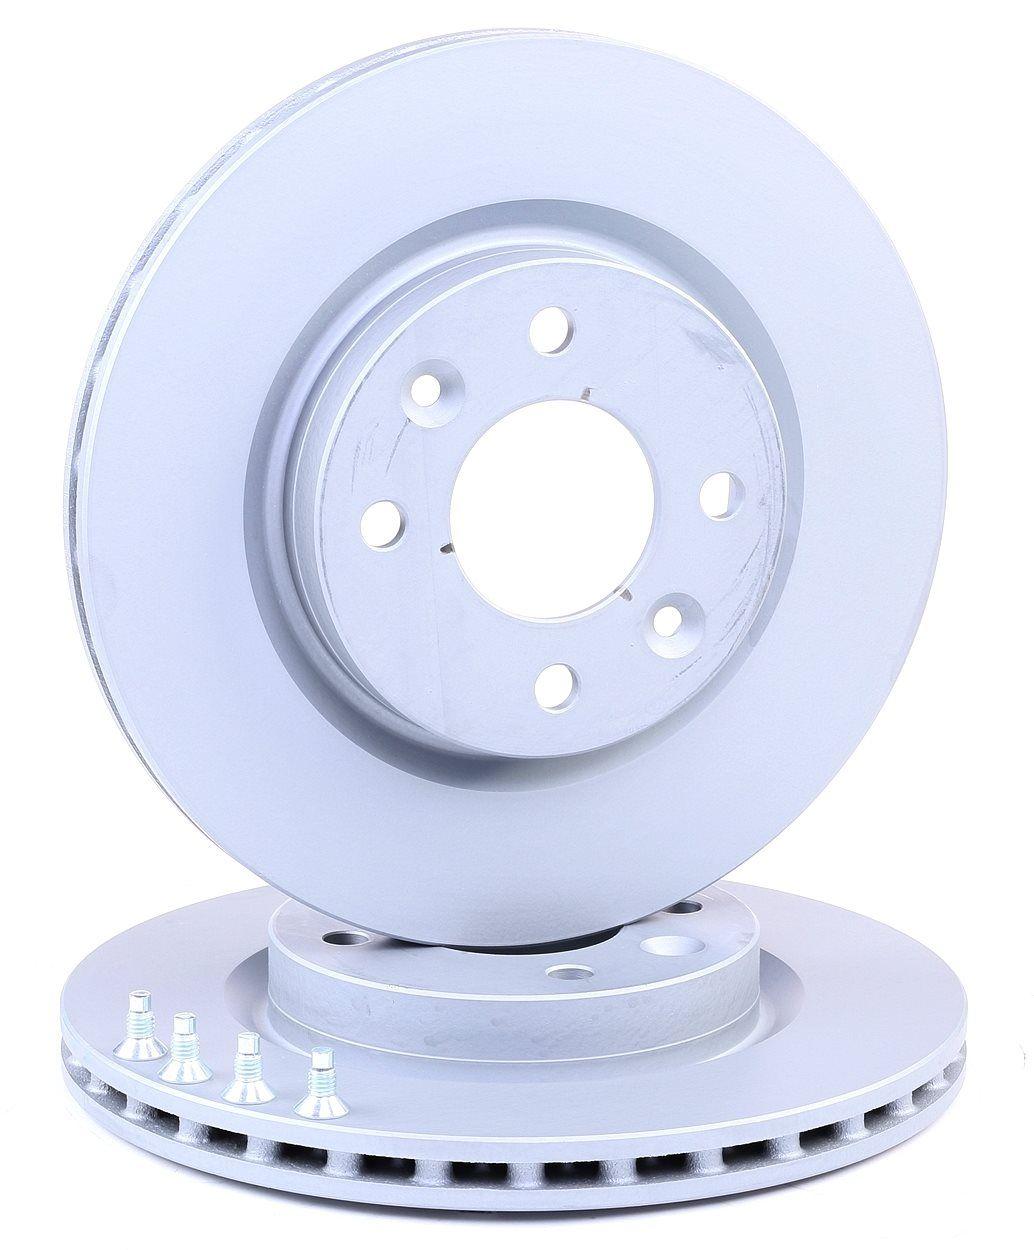 Pirkti 421106 ATE ventiliuojama, padengta, su varžtais Ø: 259,0mm, angų skaičius: 4, stabdžių disko storis: 20,7mm Stabdžių diskas 24.0121-0106.1 nebrangu